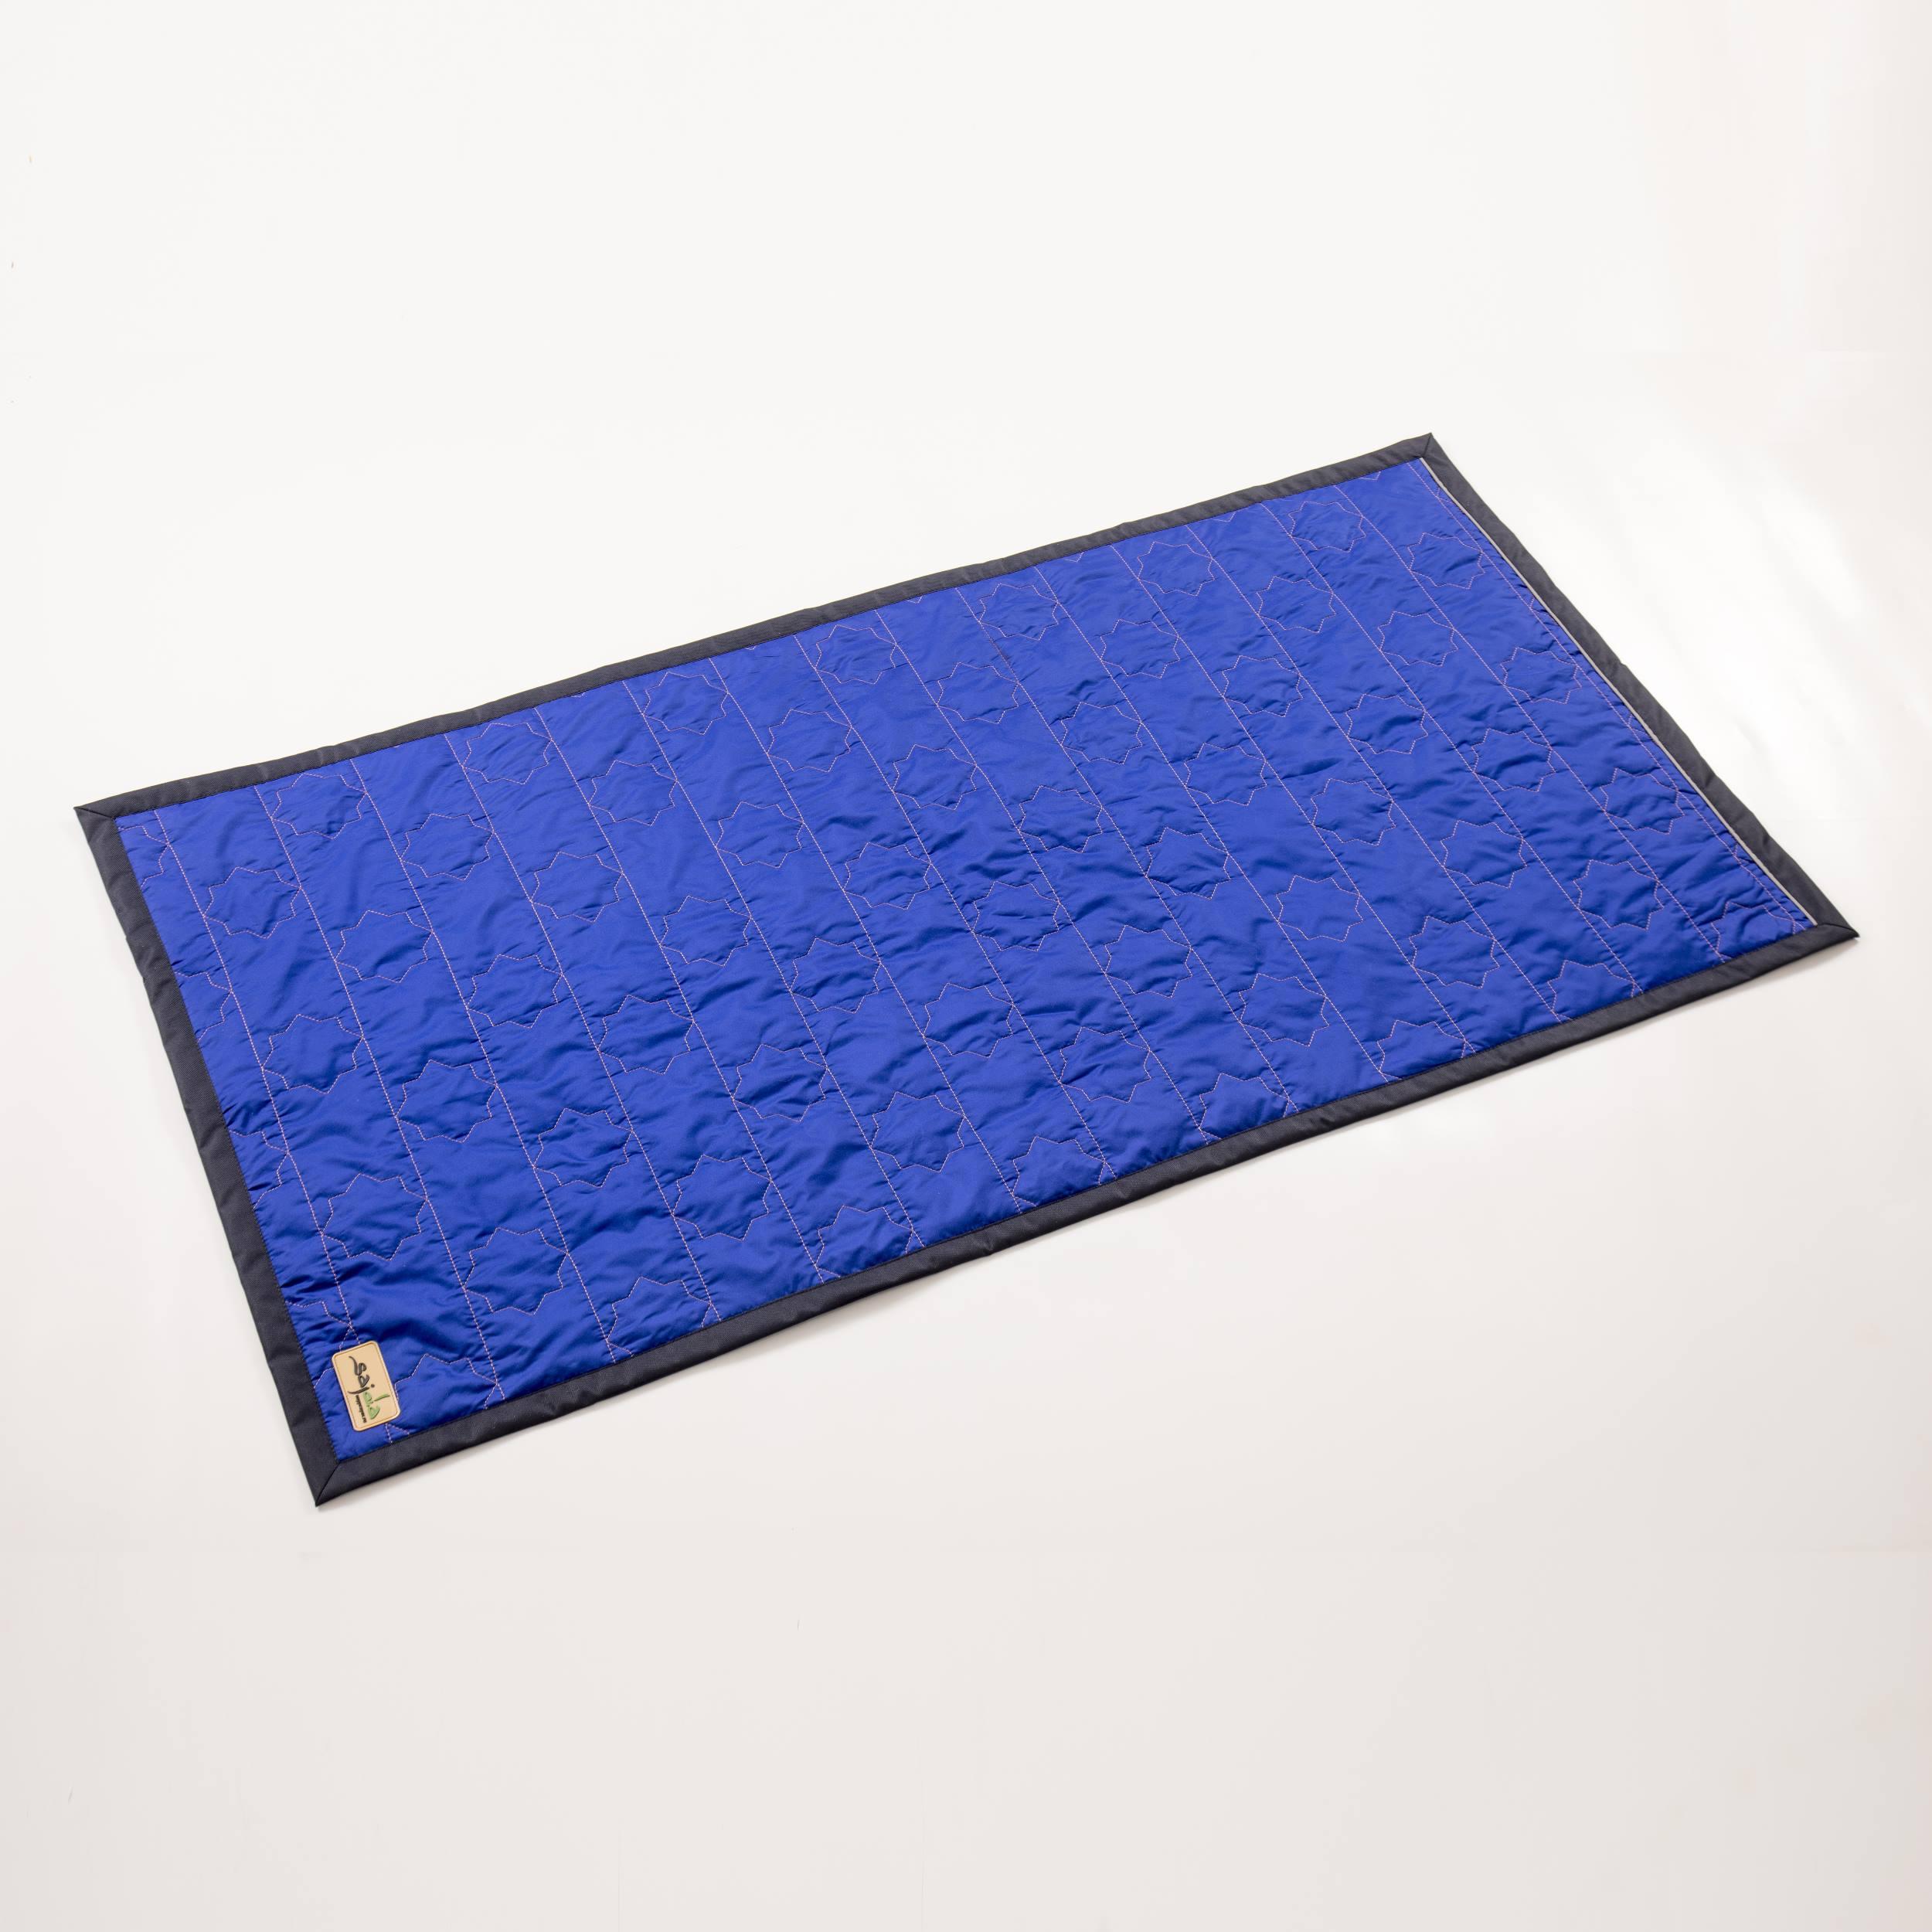 Синий непромокаемый коврик для молитвы (размер 120x62)